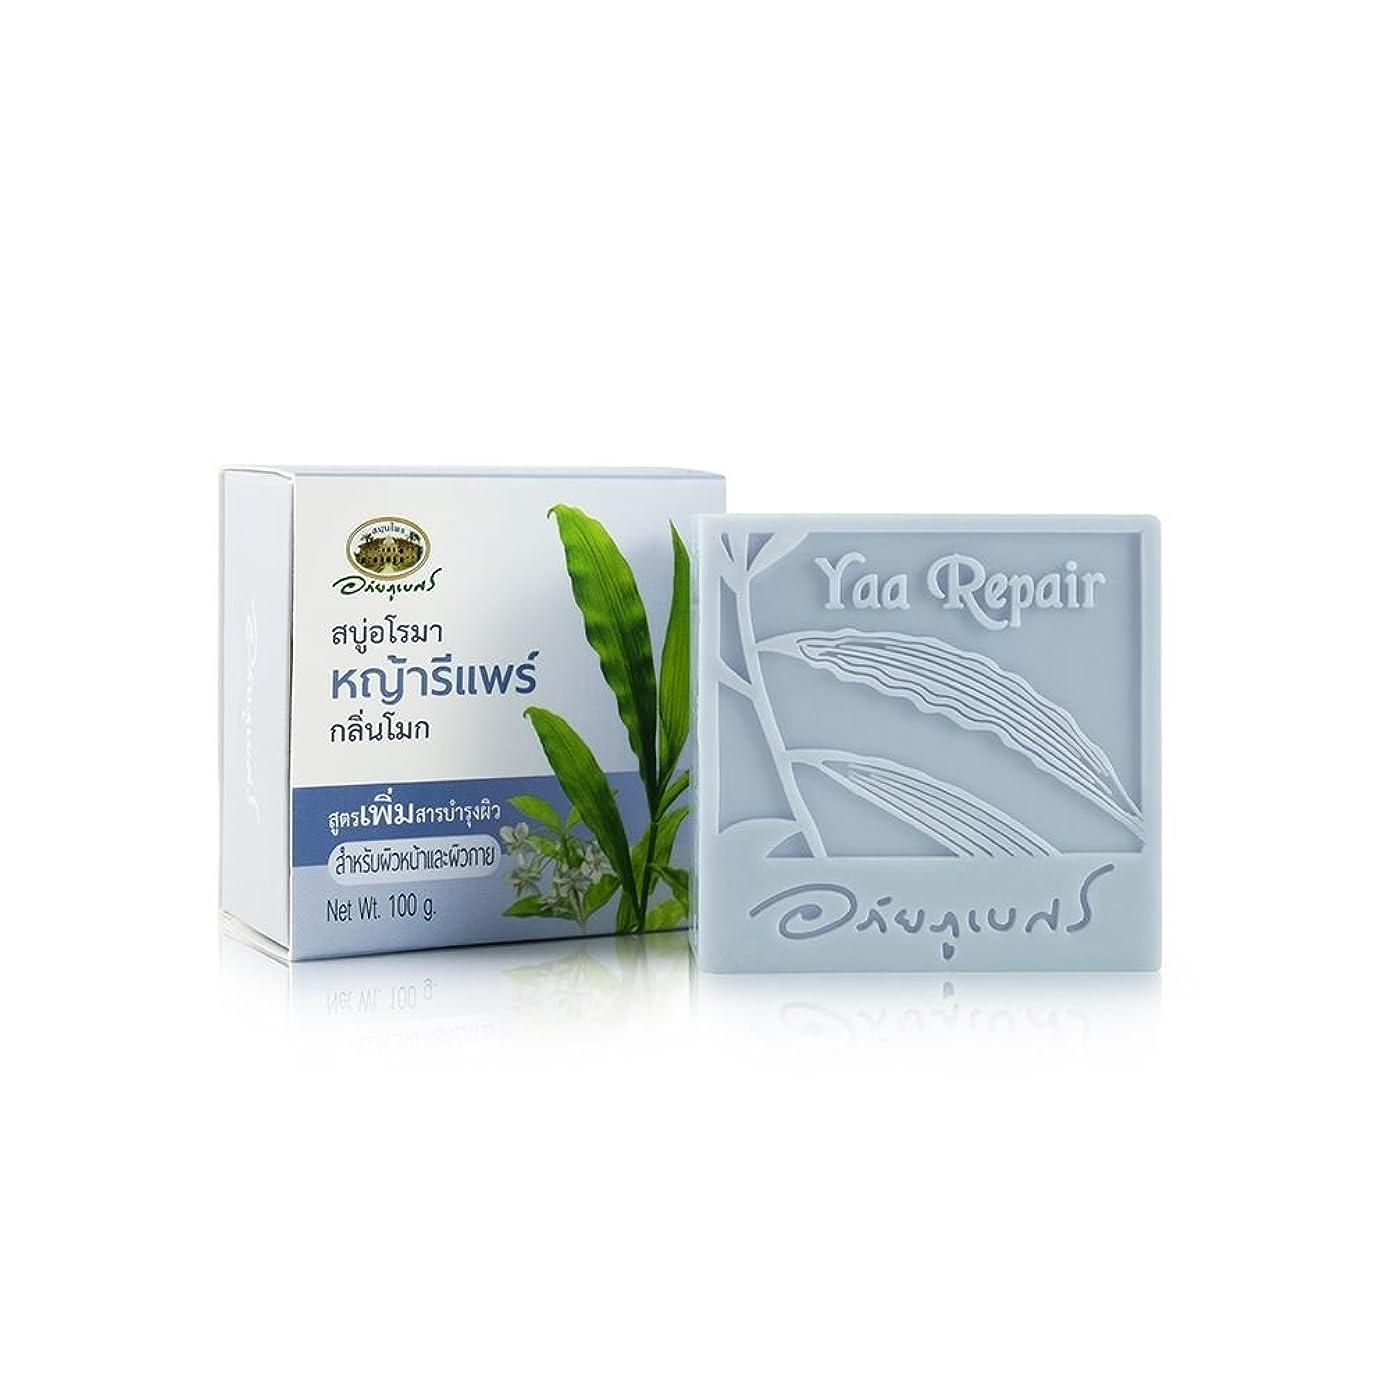 モデレータビール女王Abhaibhubejhr Thai Aromatherapy With Moke Flower Skin Care Formula Herbal Body Face Cleaning Soap 100g. Abhaibhubejhrタイのアロマテラピーとモックフラワースキンケアフォーミュラハーバルボディフェイスクリーニングソープ100g。